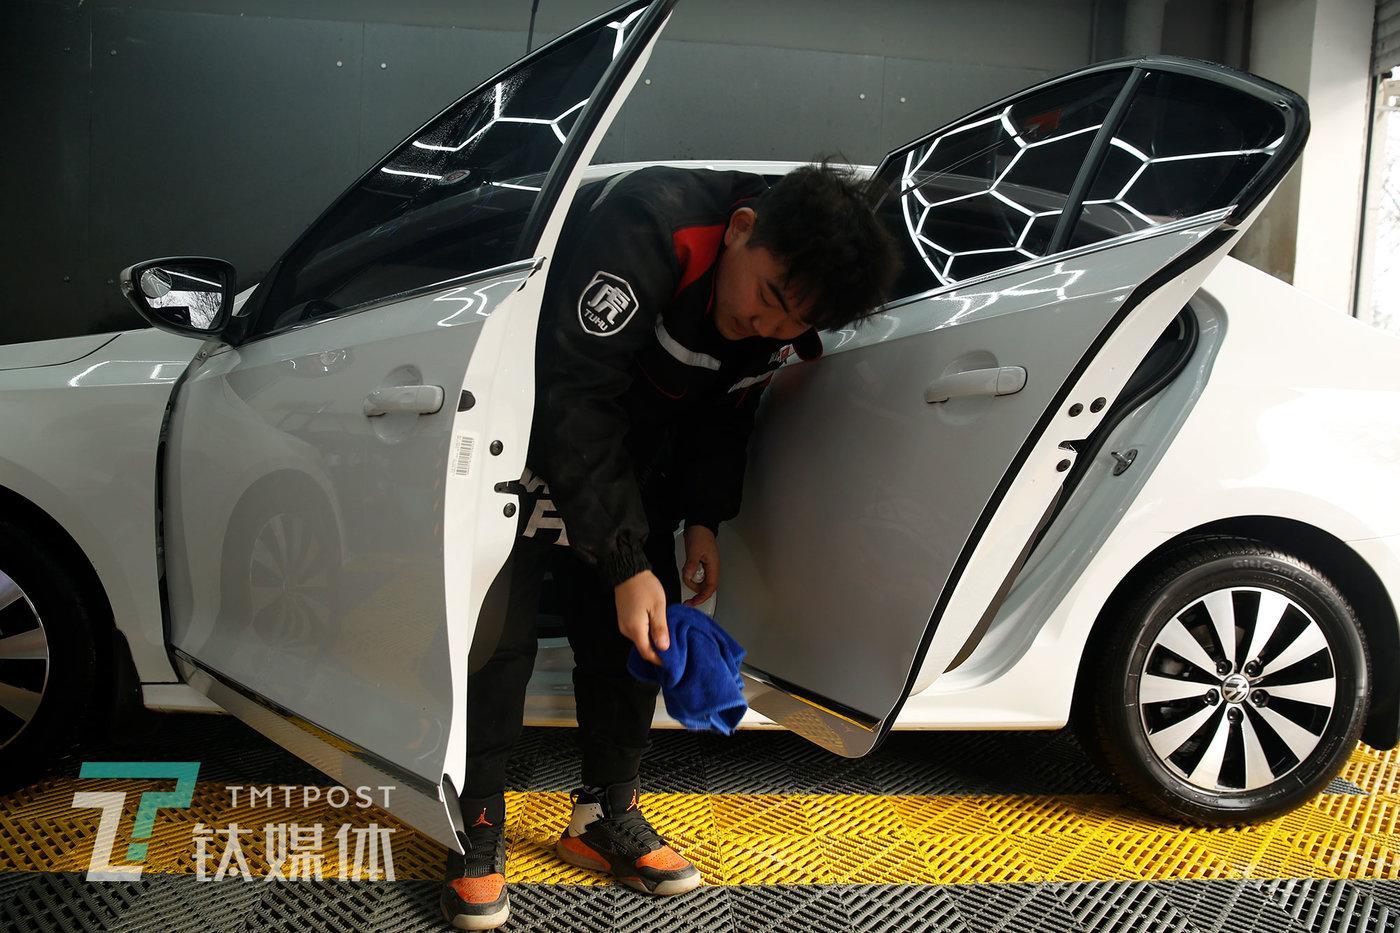 刘灏在擦车。